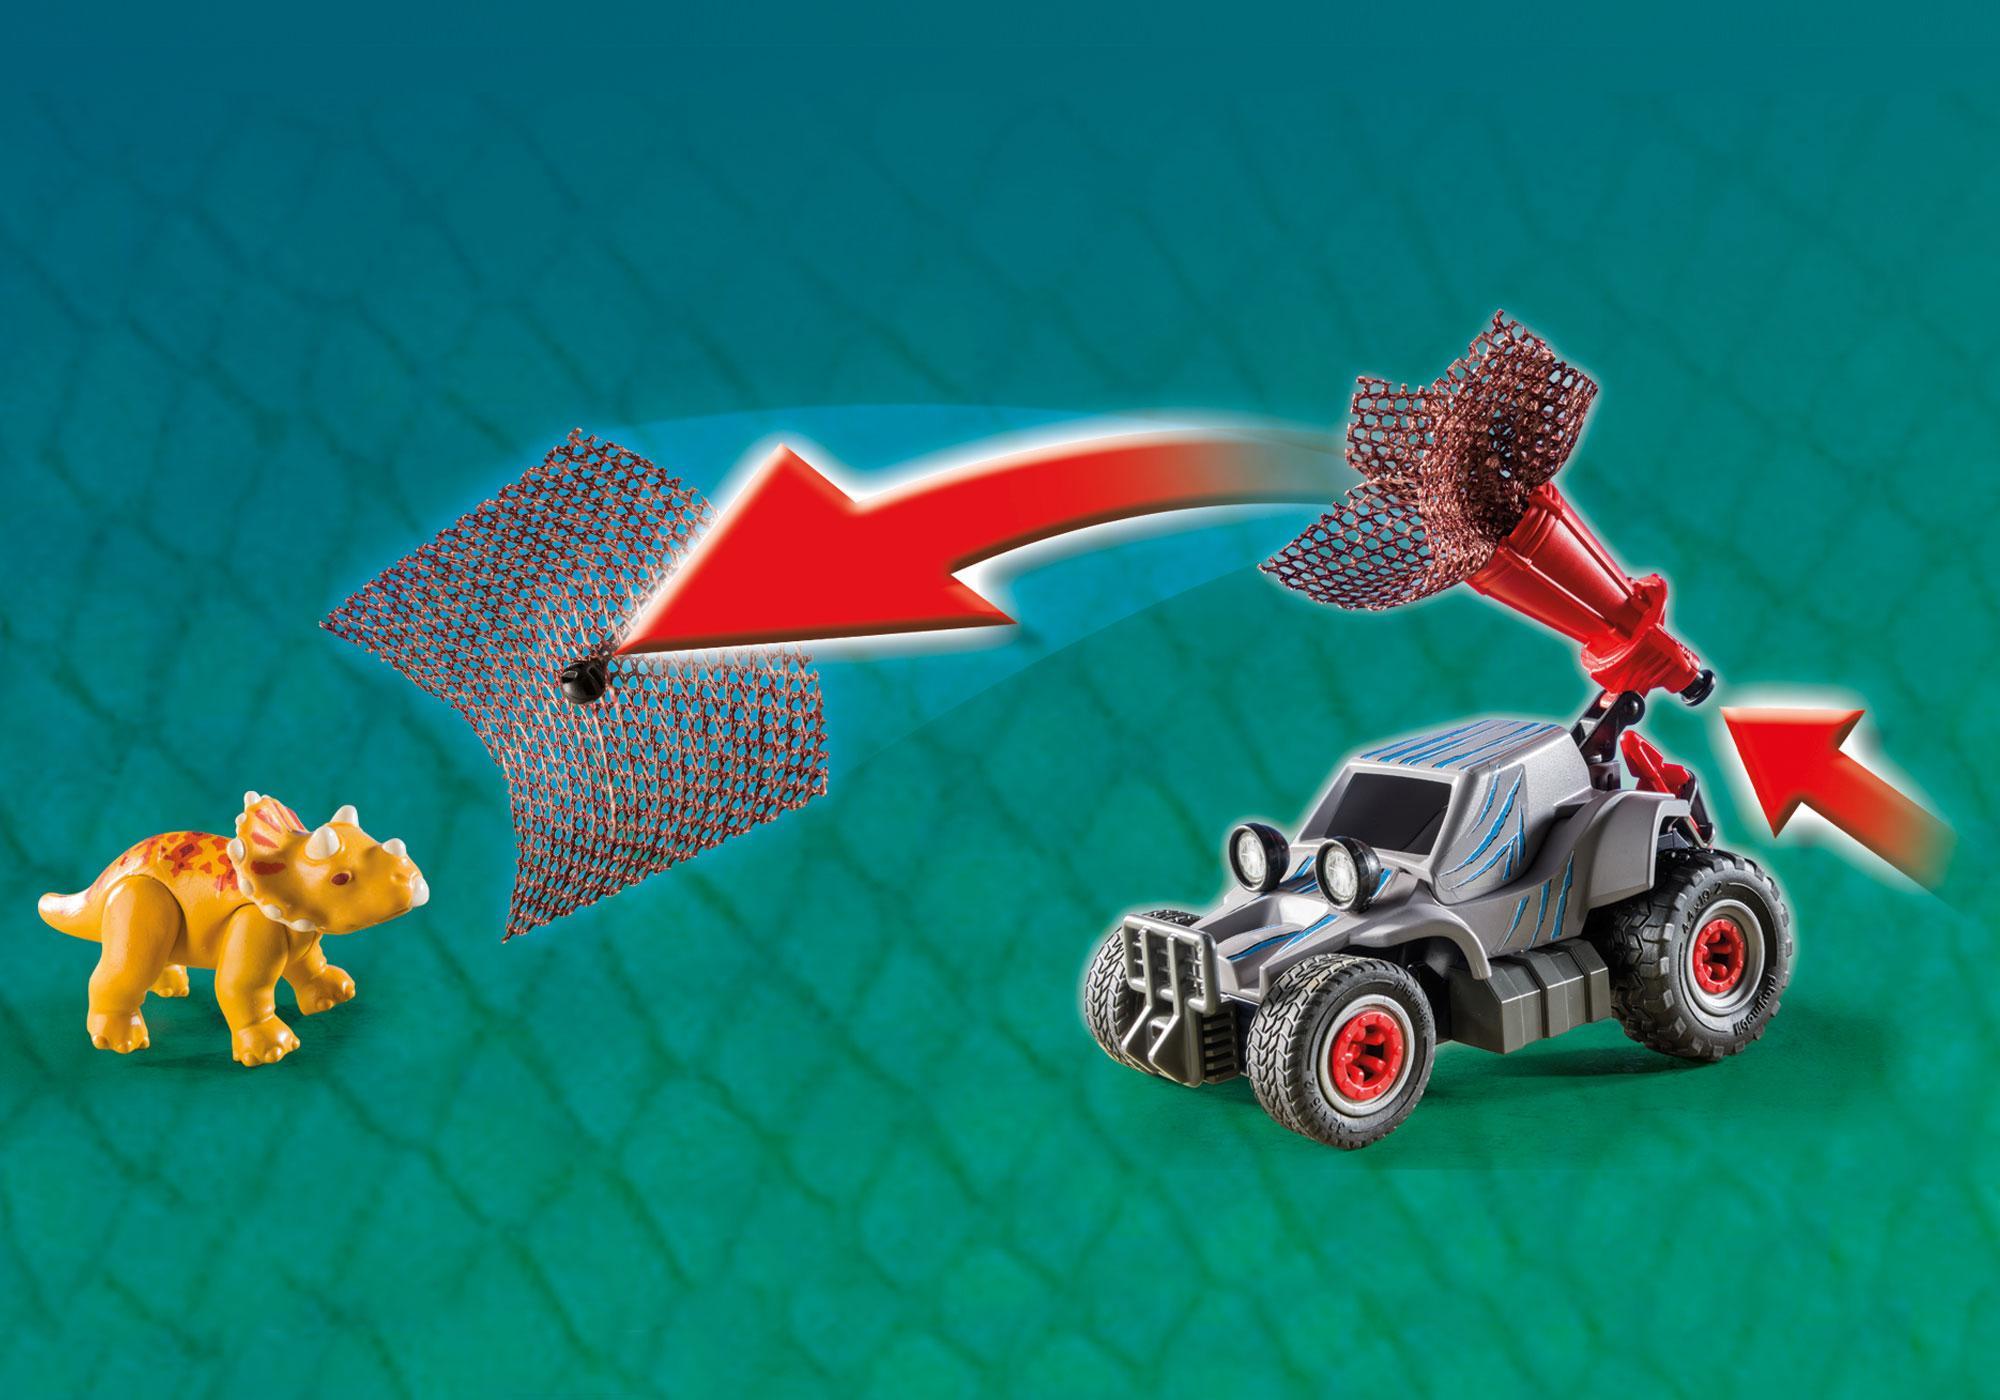 http://media.playmobil.com/i/playmobil/9434_product_extra6/Samochód terenowy z działającą wyrzutnią sieci